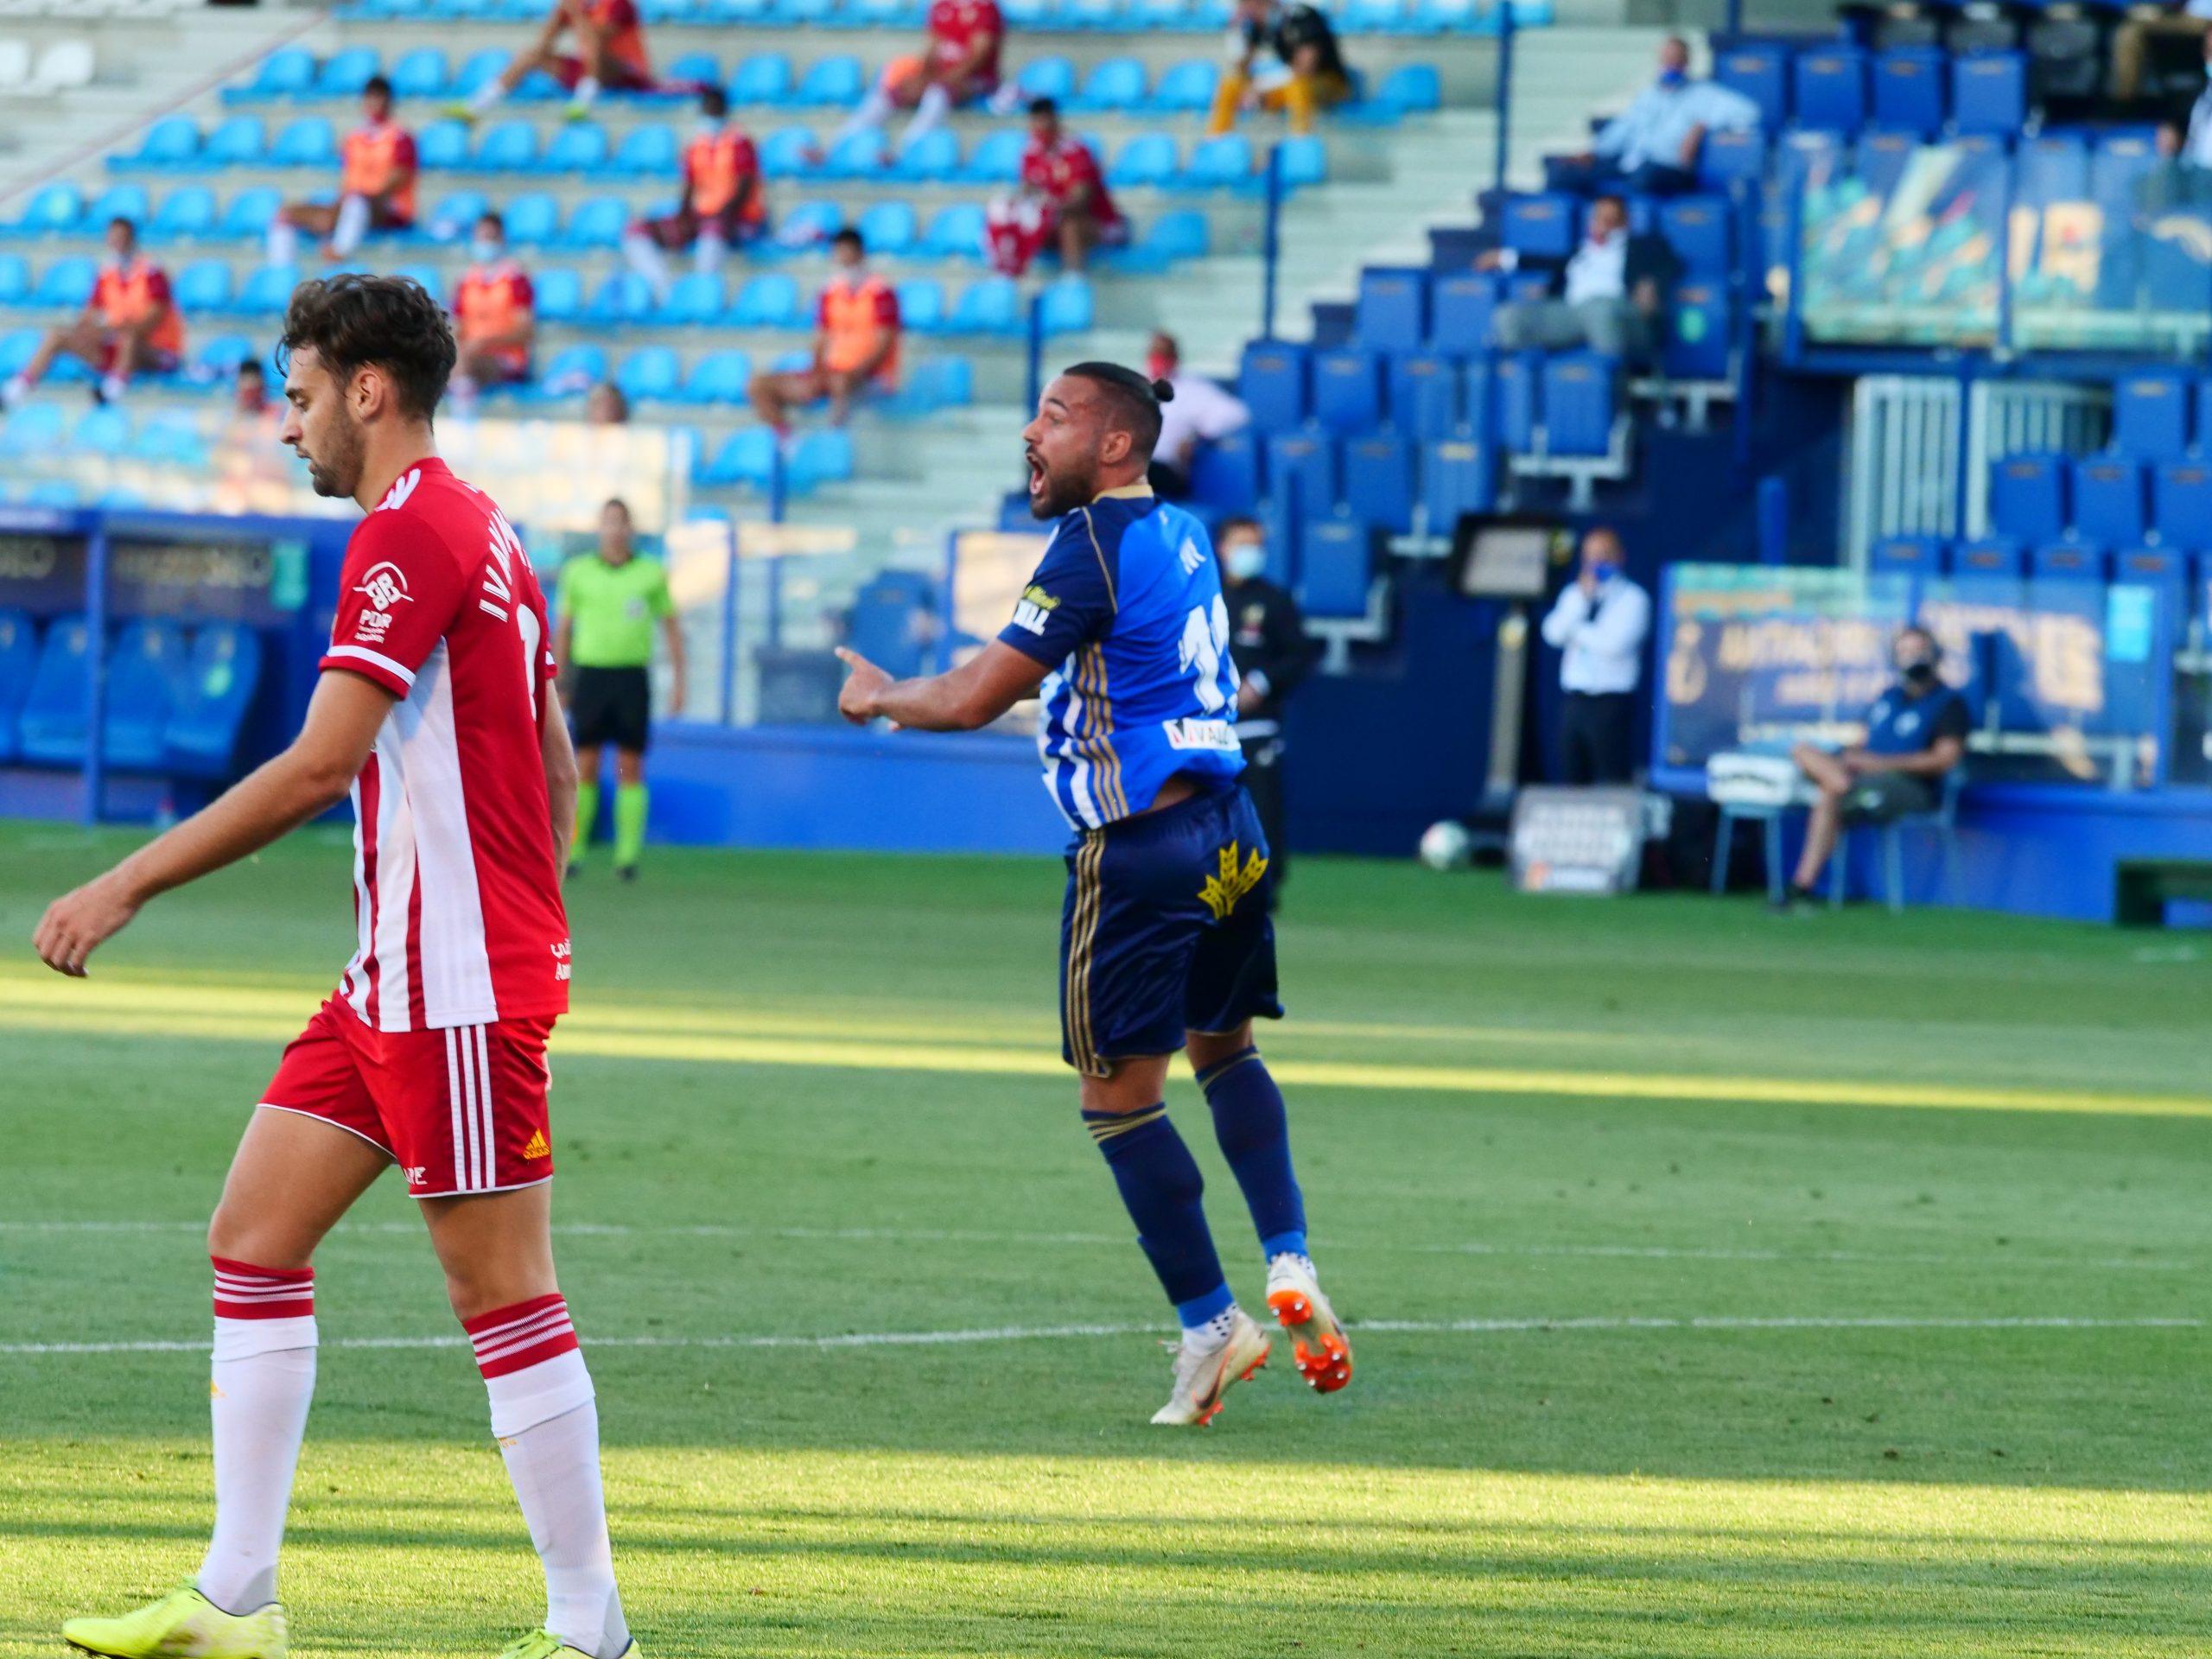 La Deportiva sigue en Segunda división liga SmartBank, historia gráfica de una salvación 2